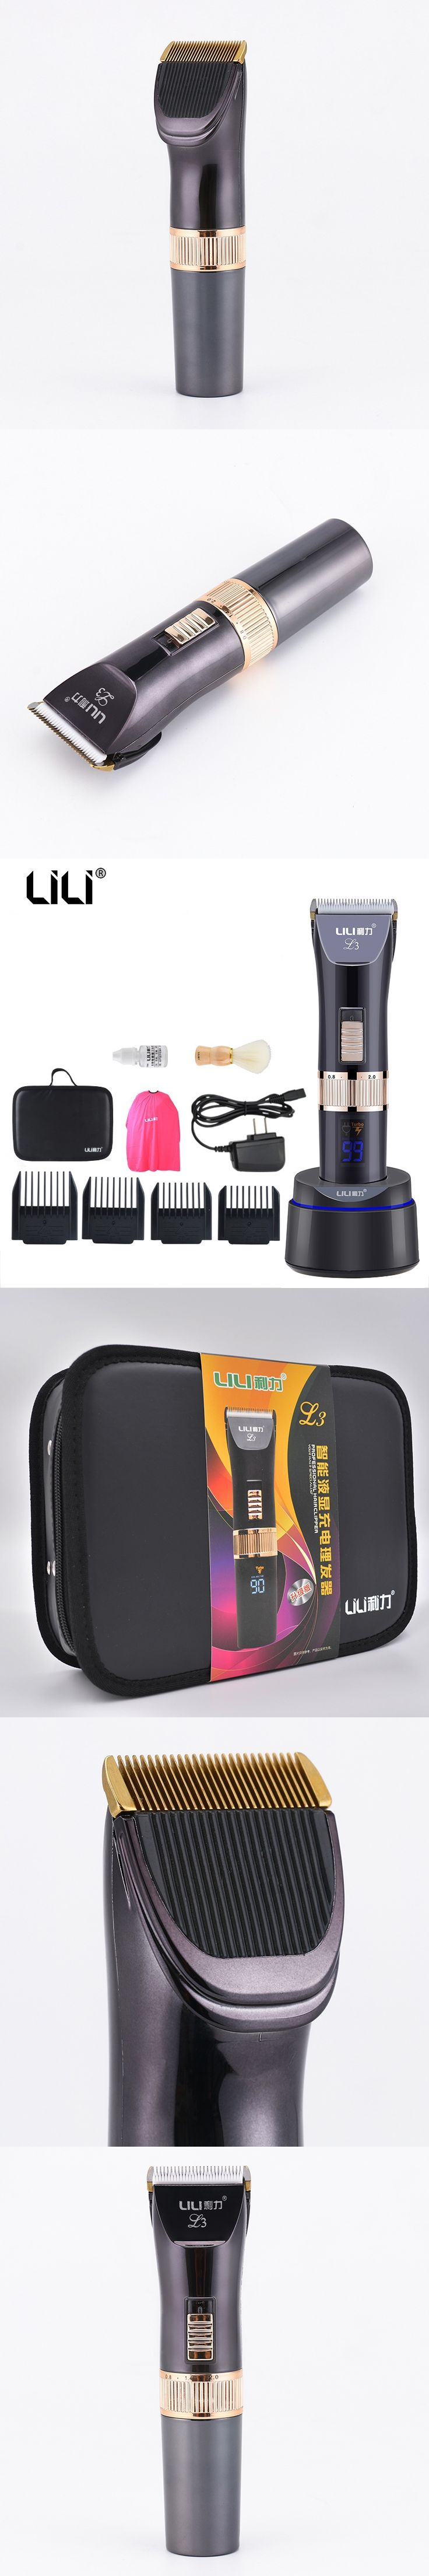 100-240v Professional Hair Clipper Electric LCD Display Hair Trimmer Hair Shaving Machine Hair Cutting Beard Razor High quality